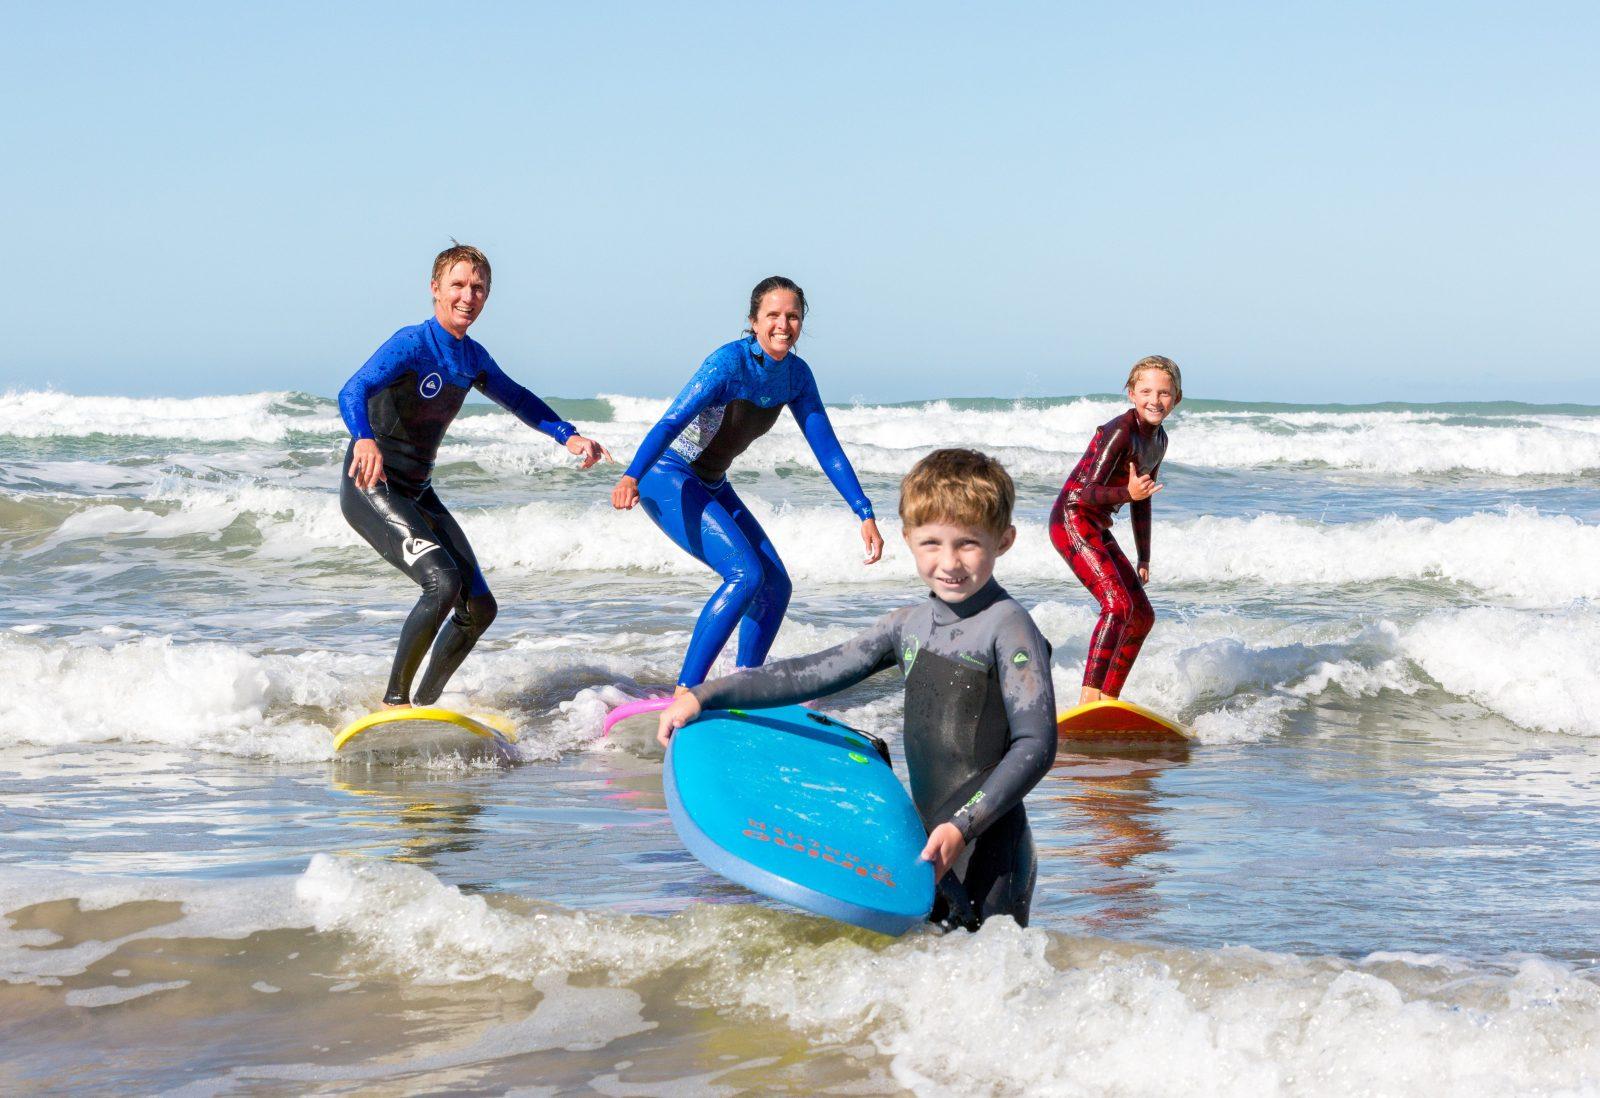 Family surf photo, Dan & Meg